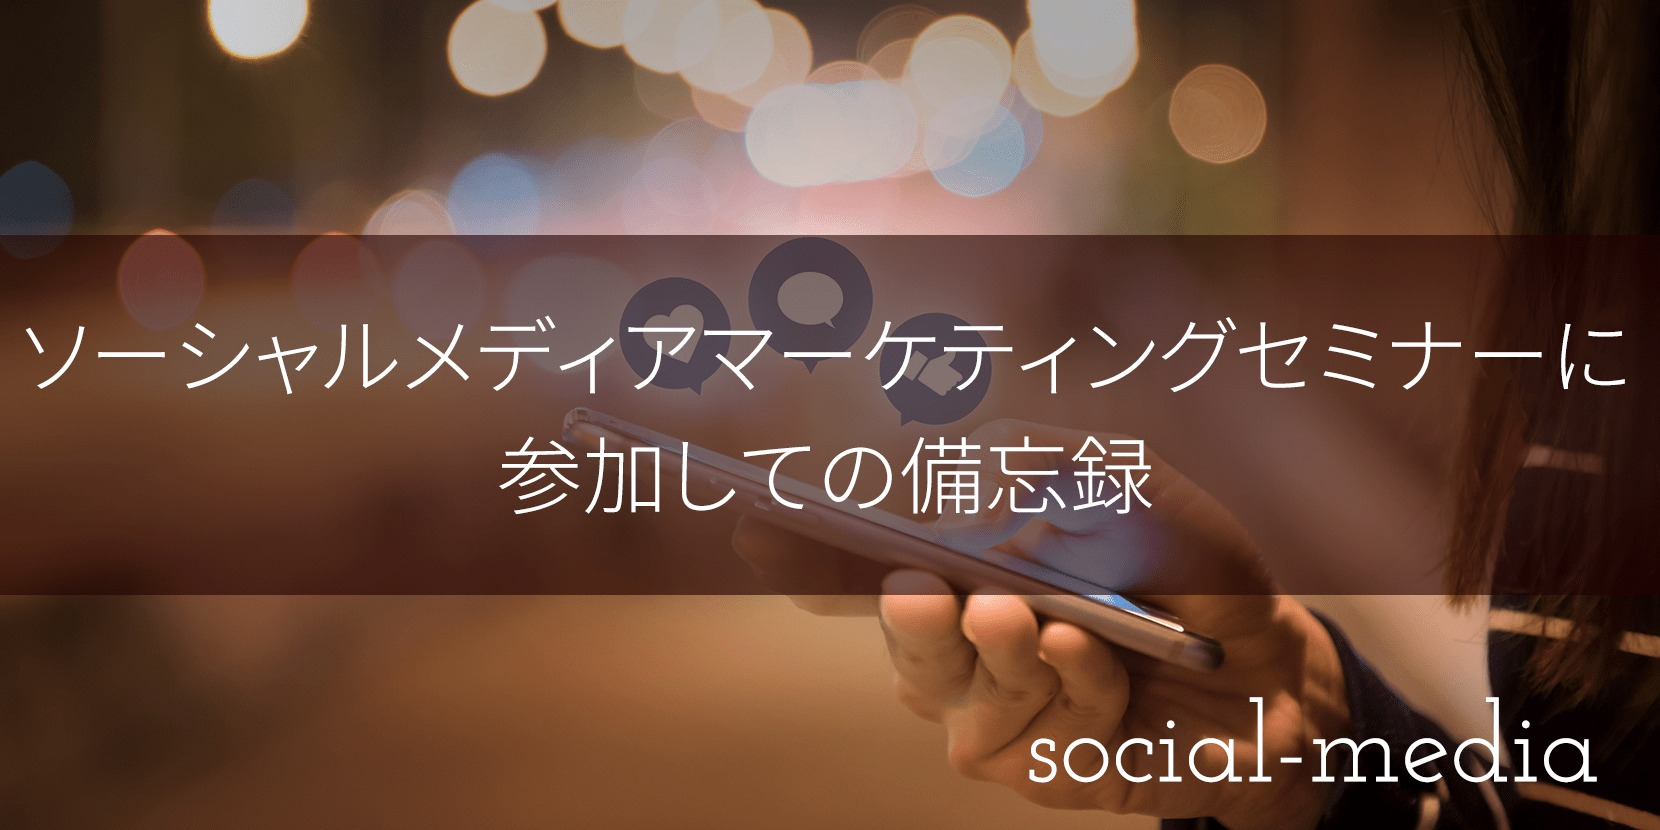 ソーシャルメディアマーケティングのセミナーに参加しての備忘録